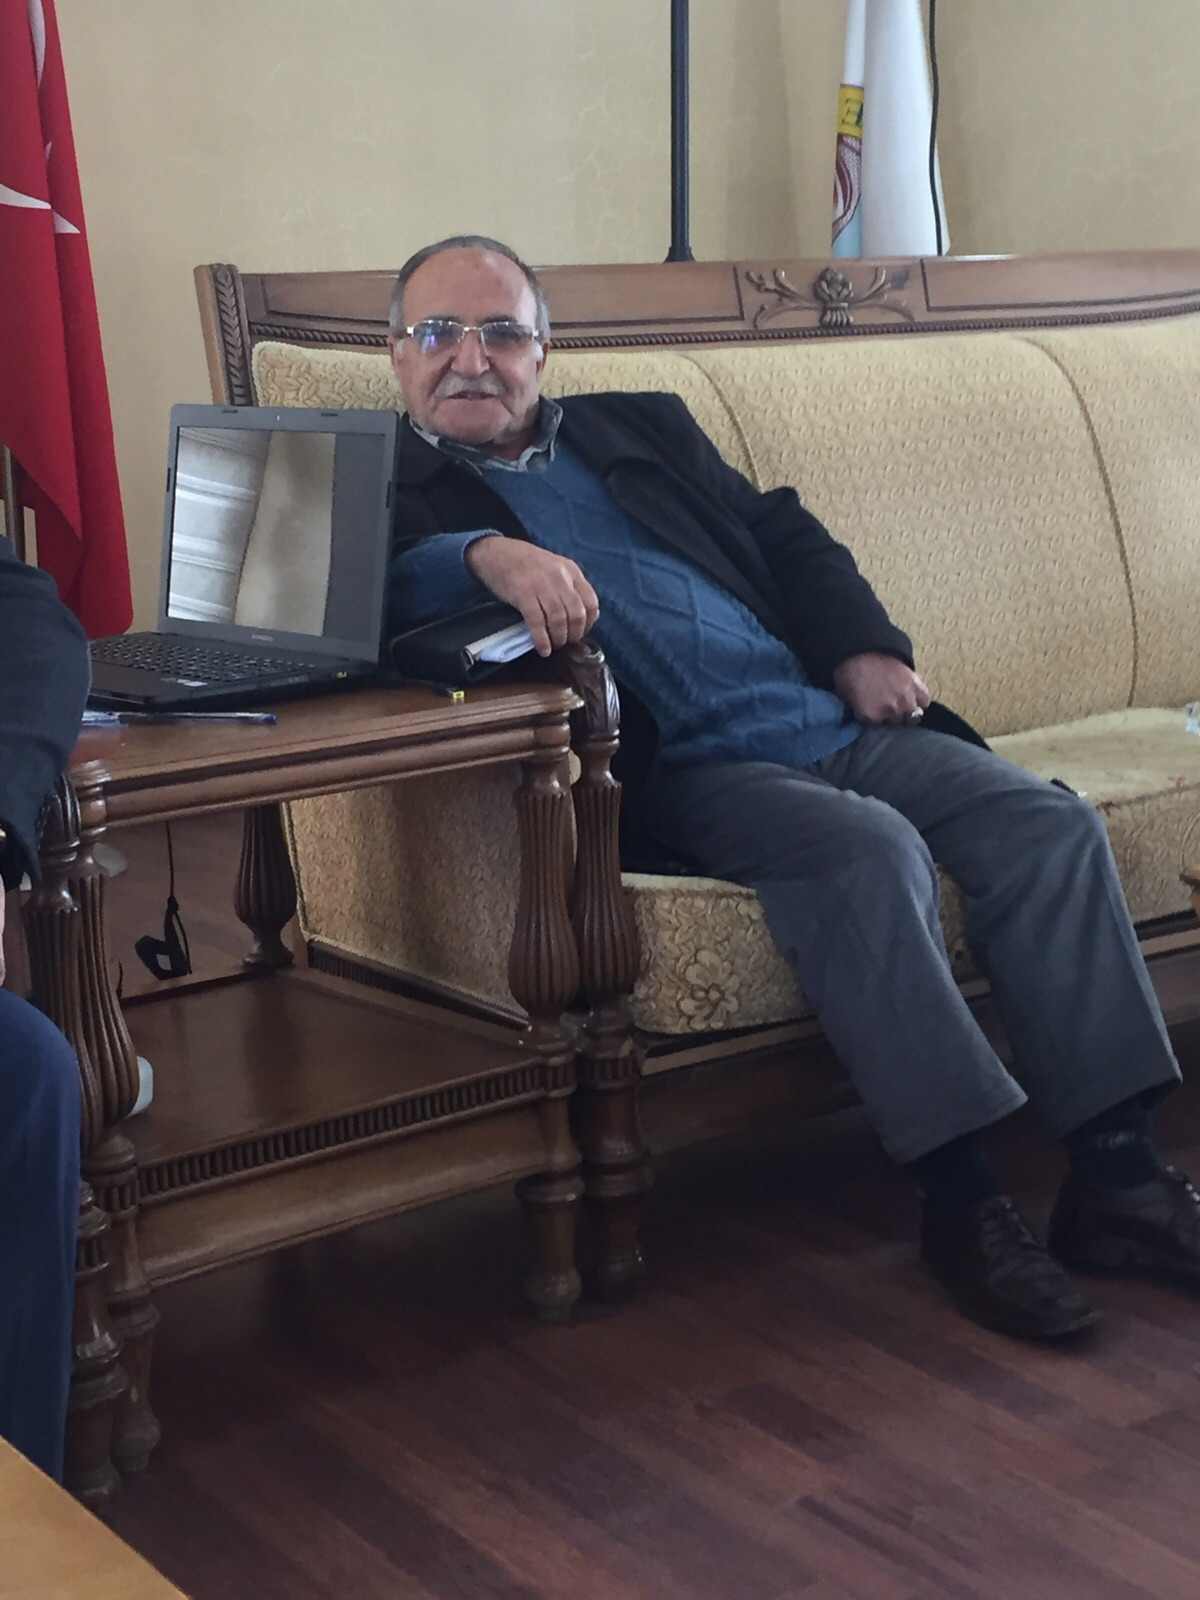 Silvan Belediye Meclisi üyesi Mehmet Ali Gülsel: Gözaltında perişan ettiler beni, oğlum şehit düştü 18 yaşındayken